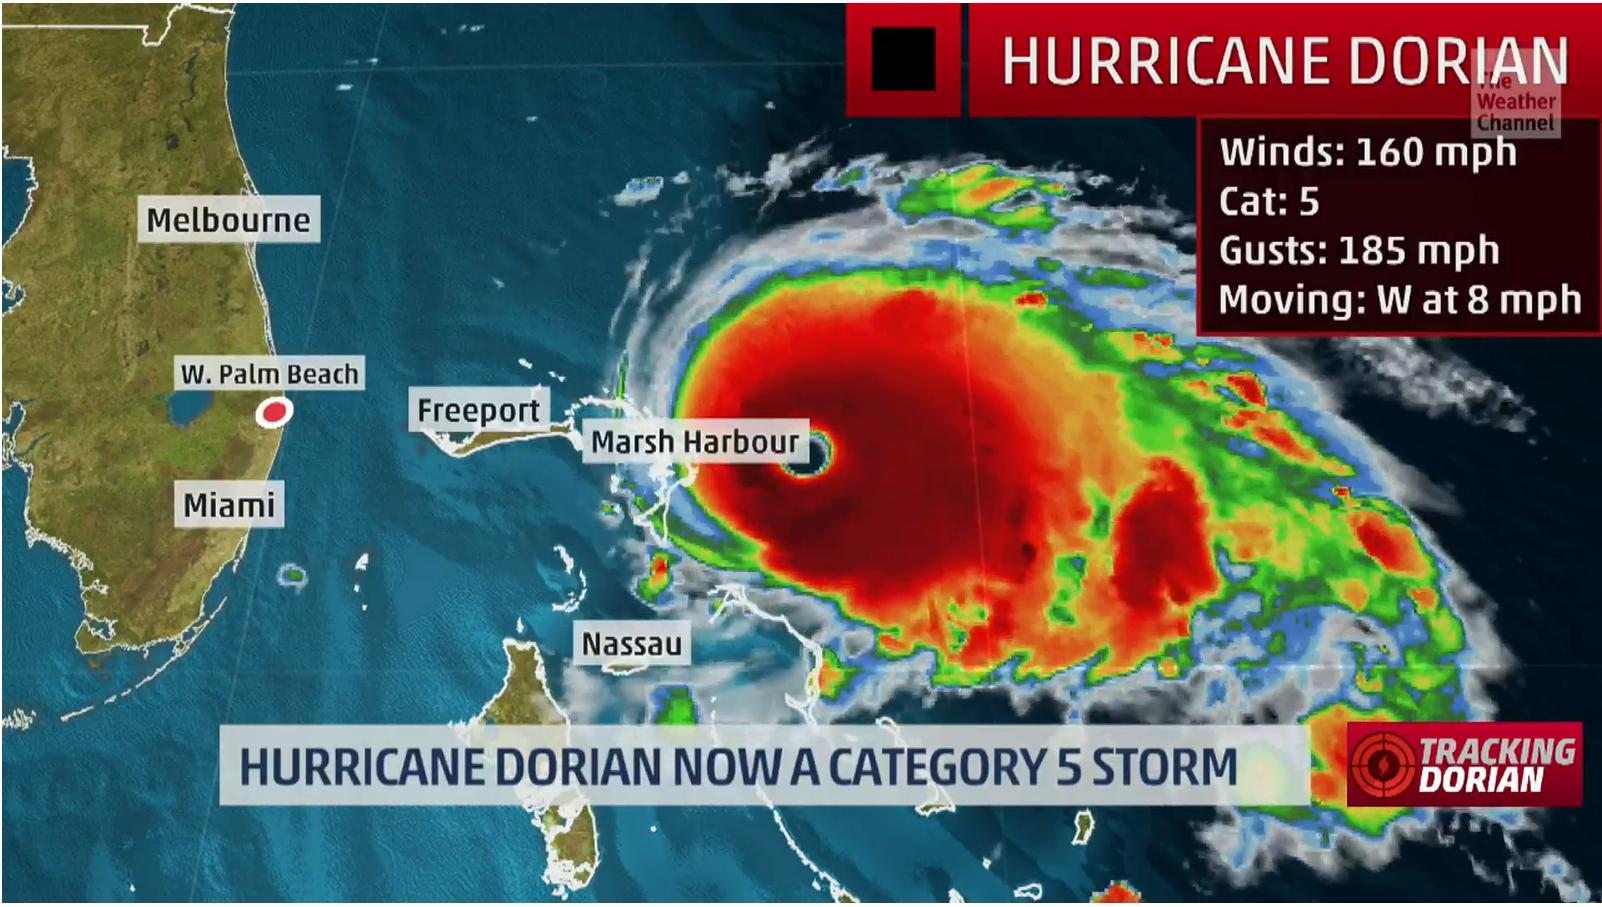 Hurricane Dorian - Sun Coast Resources, Inc.